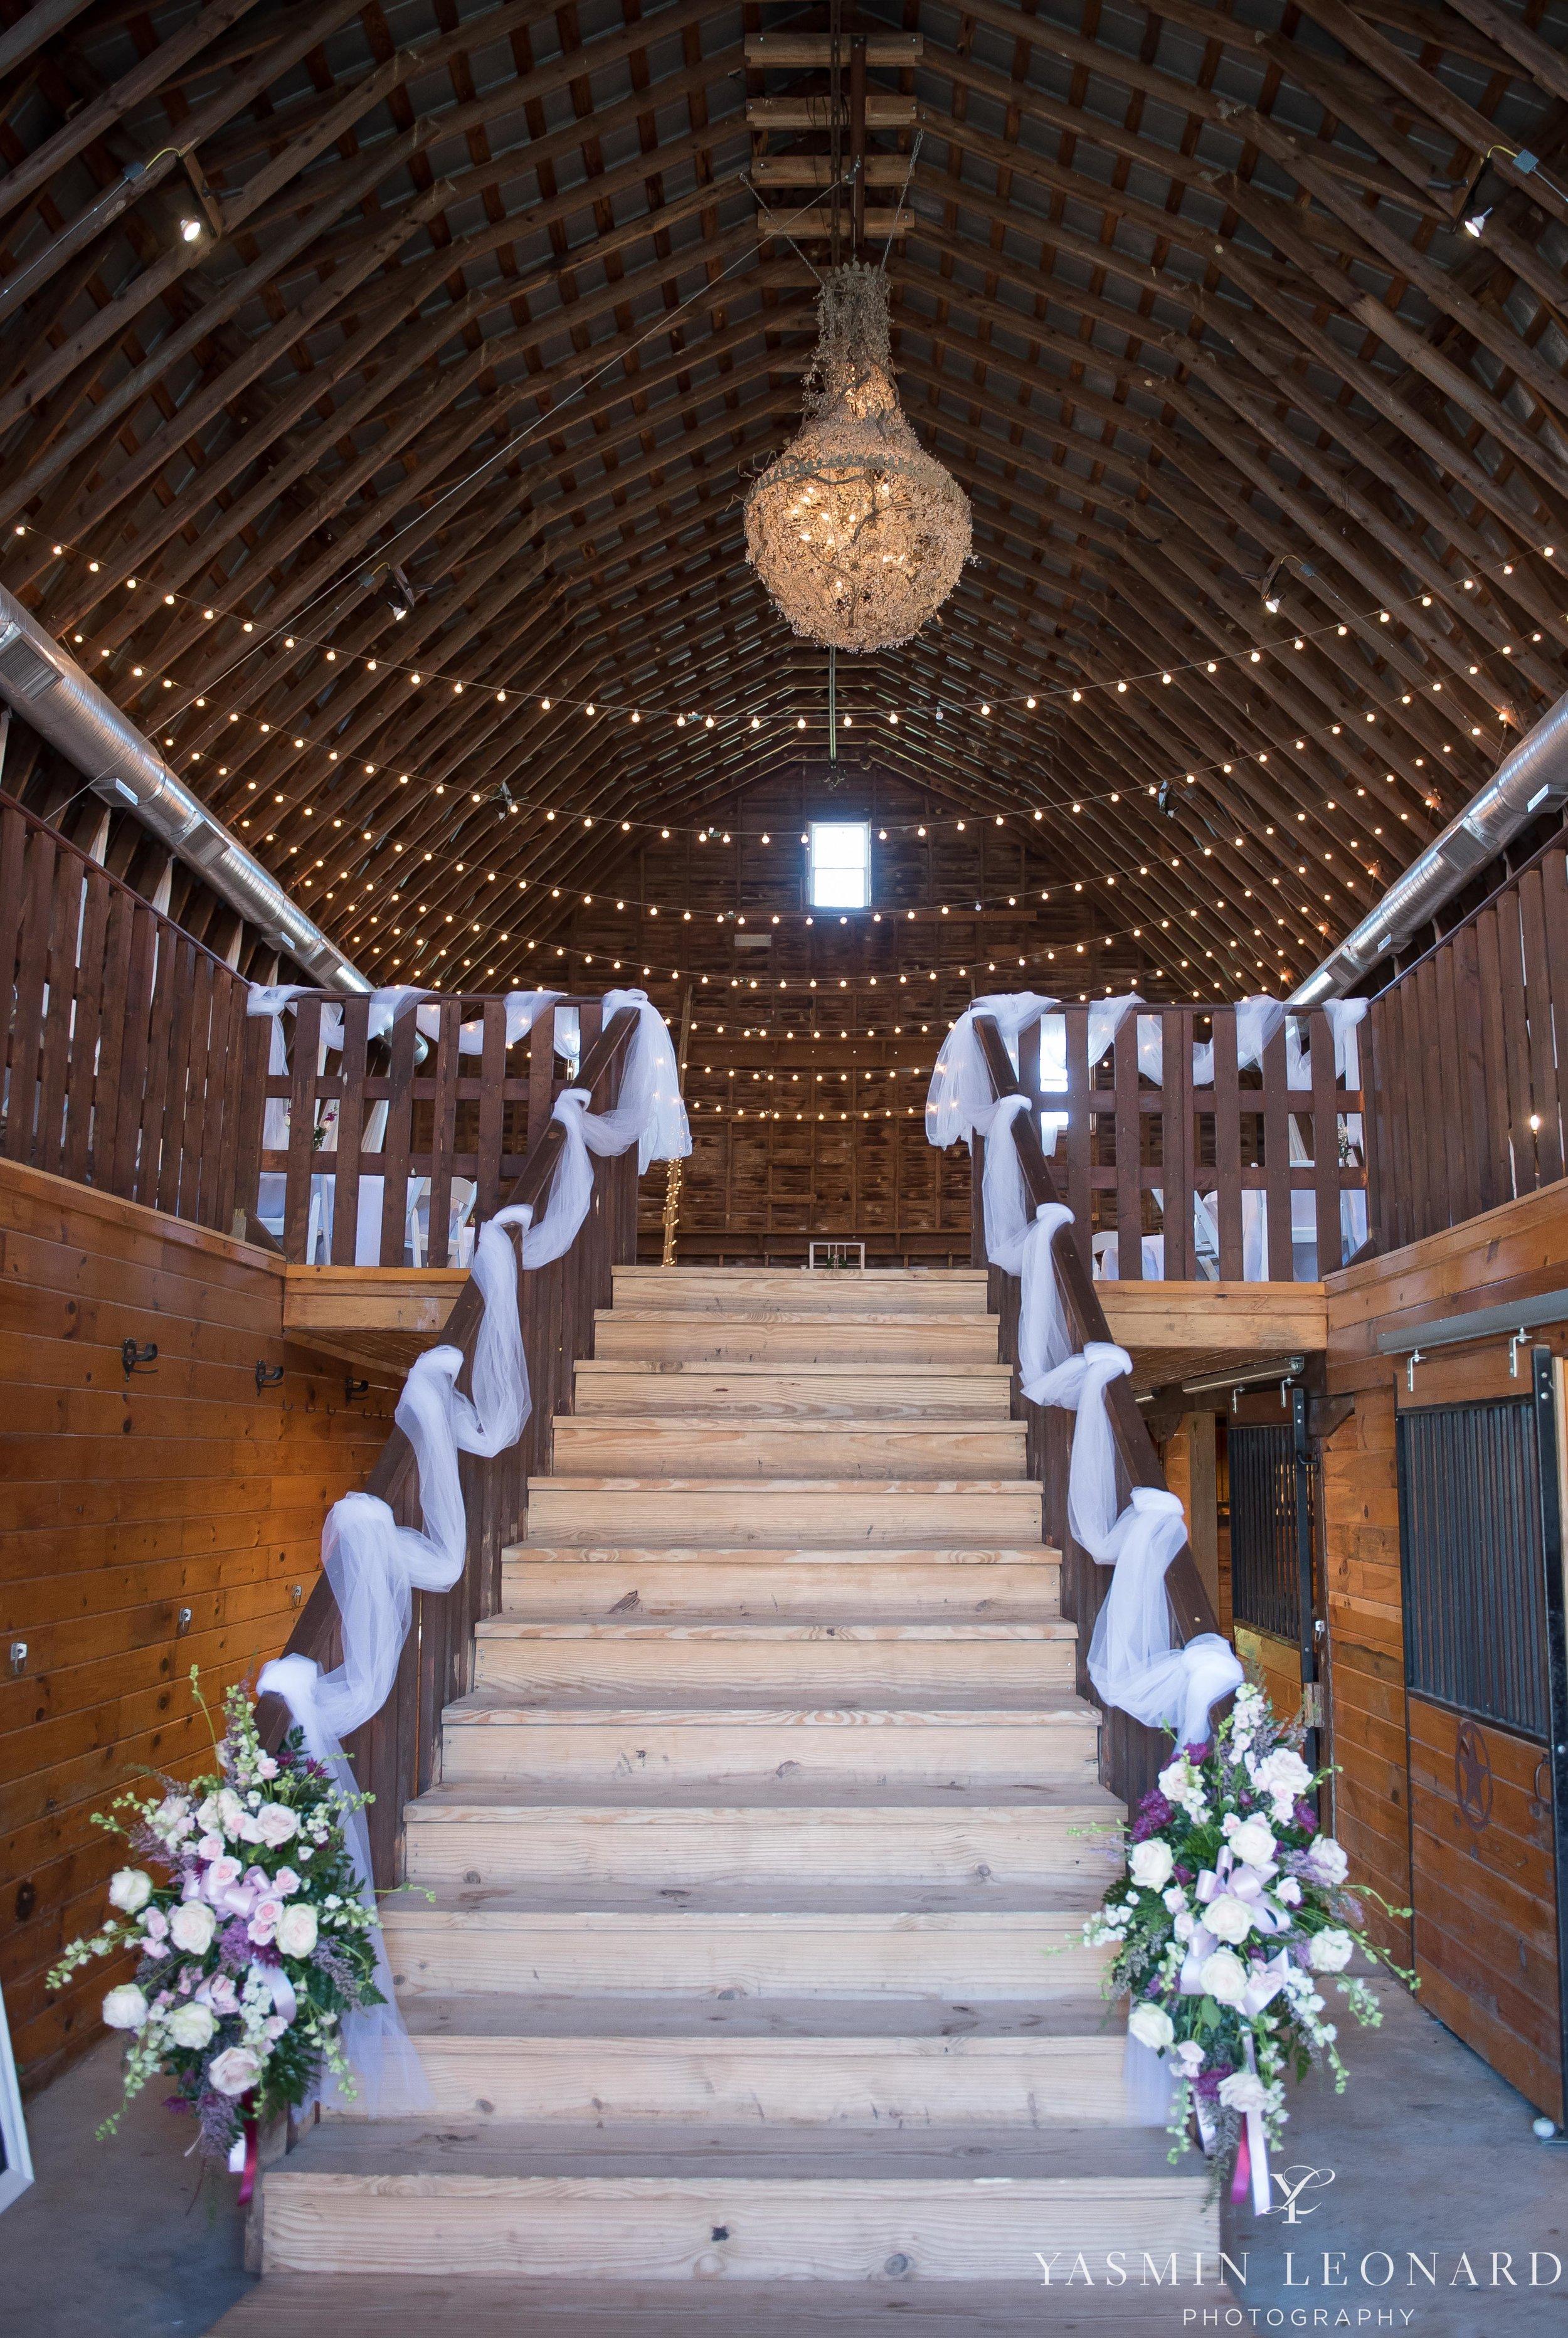 Millikan Farms - Millikan Farms Wedding - Sophia NC Wedding - NC Wedding - NC Wedding Photographer - Yasmin Leonard Photography - High Point Photographer - Barn Wedding - Wedding Venues in NC - Triad Wedding Photographer-11.jpg